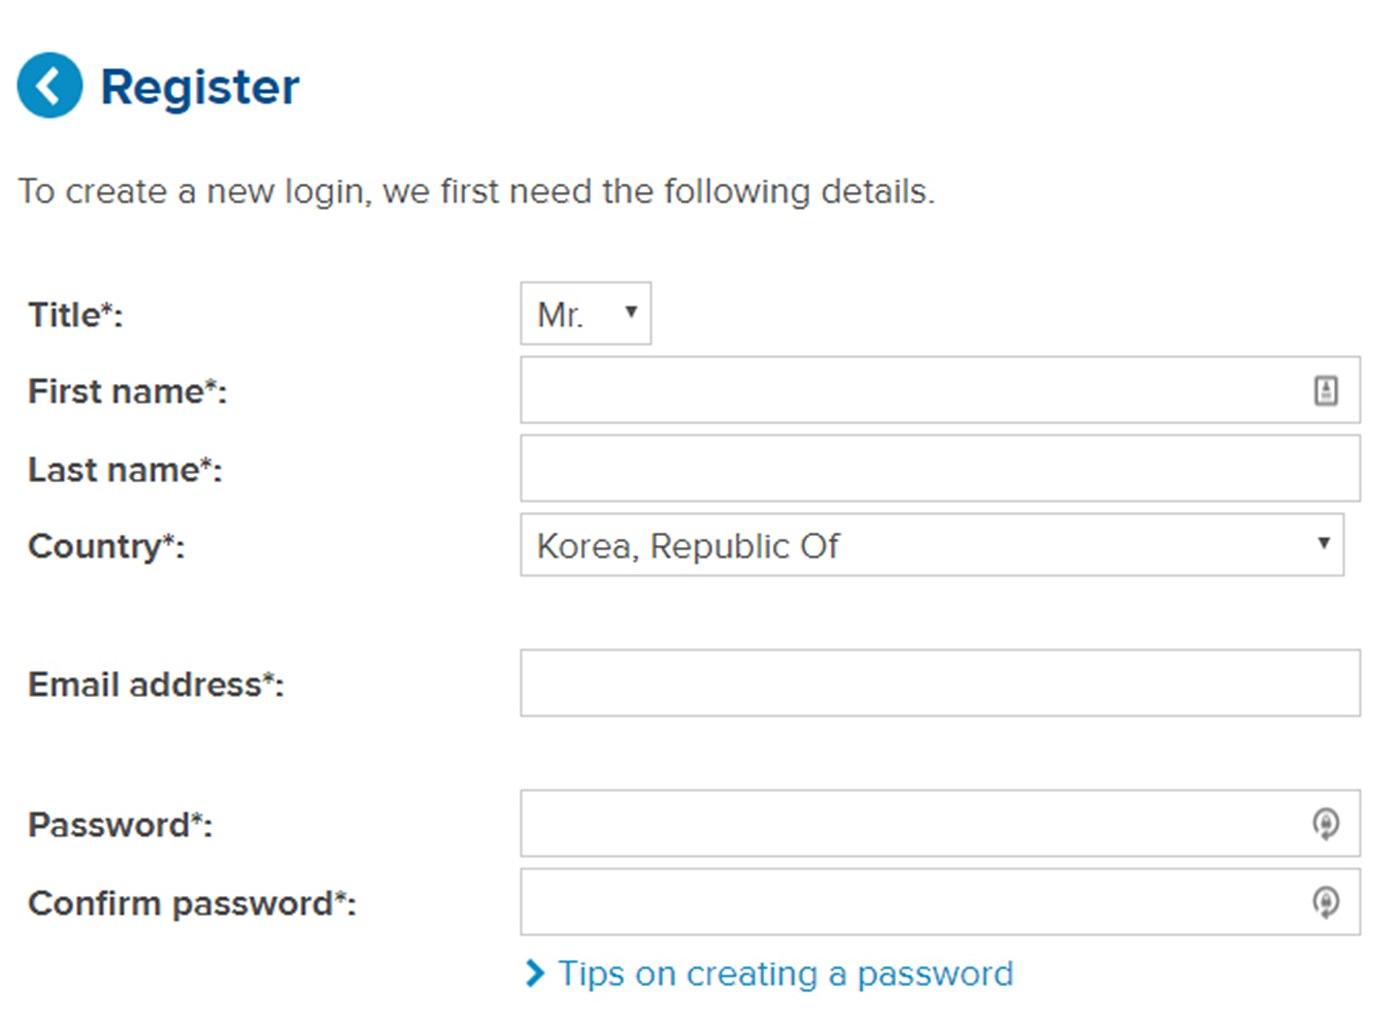 * 표시가 있는 모든 항목들을 입력한다. Password 는 숫자 또는 영문 대문자를 포함하여 6~8자로 입력한다.